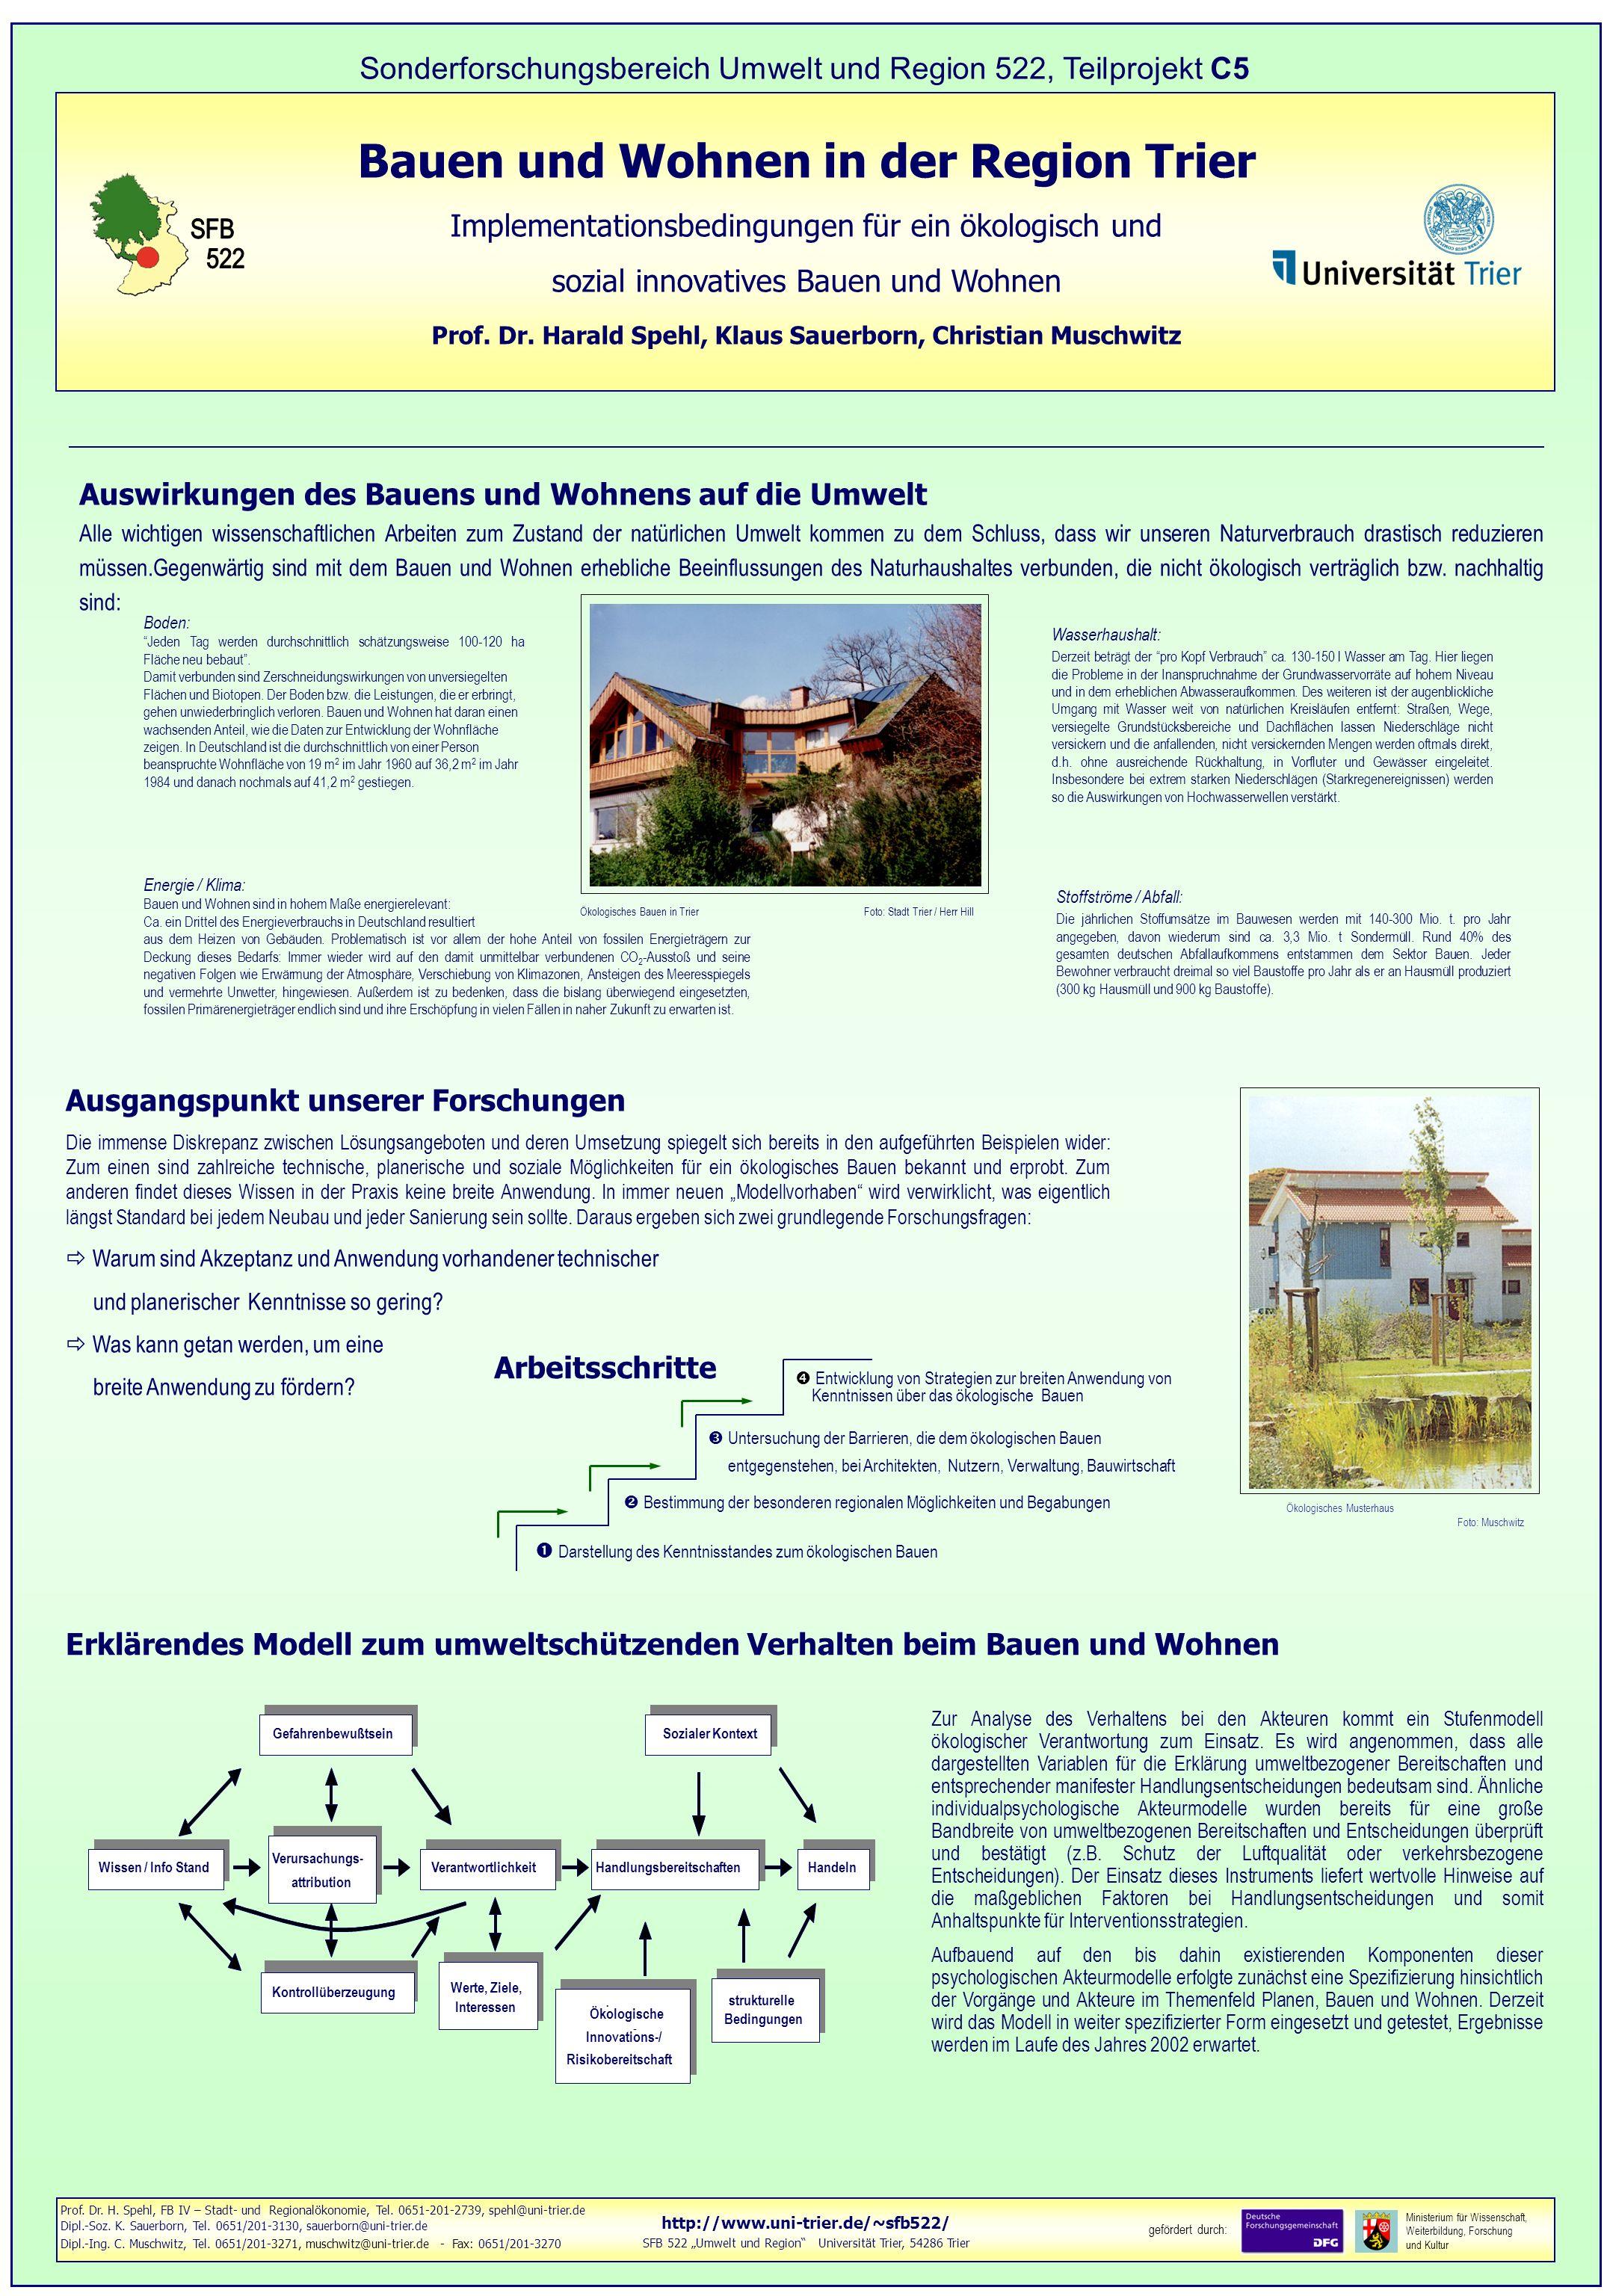 http://www.uni-trier.de/~sfb522/ SFB 522 Umwelt und Region Universität Trier, 54286 Trier gefördert durch: Ministerium für Wissenschaft, Weiterbildung